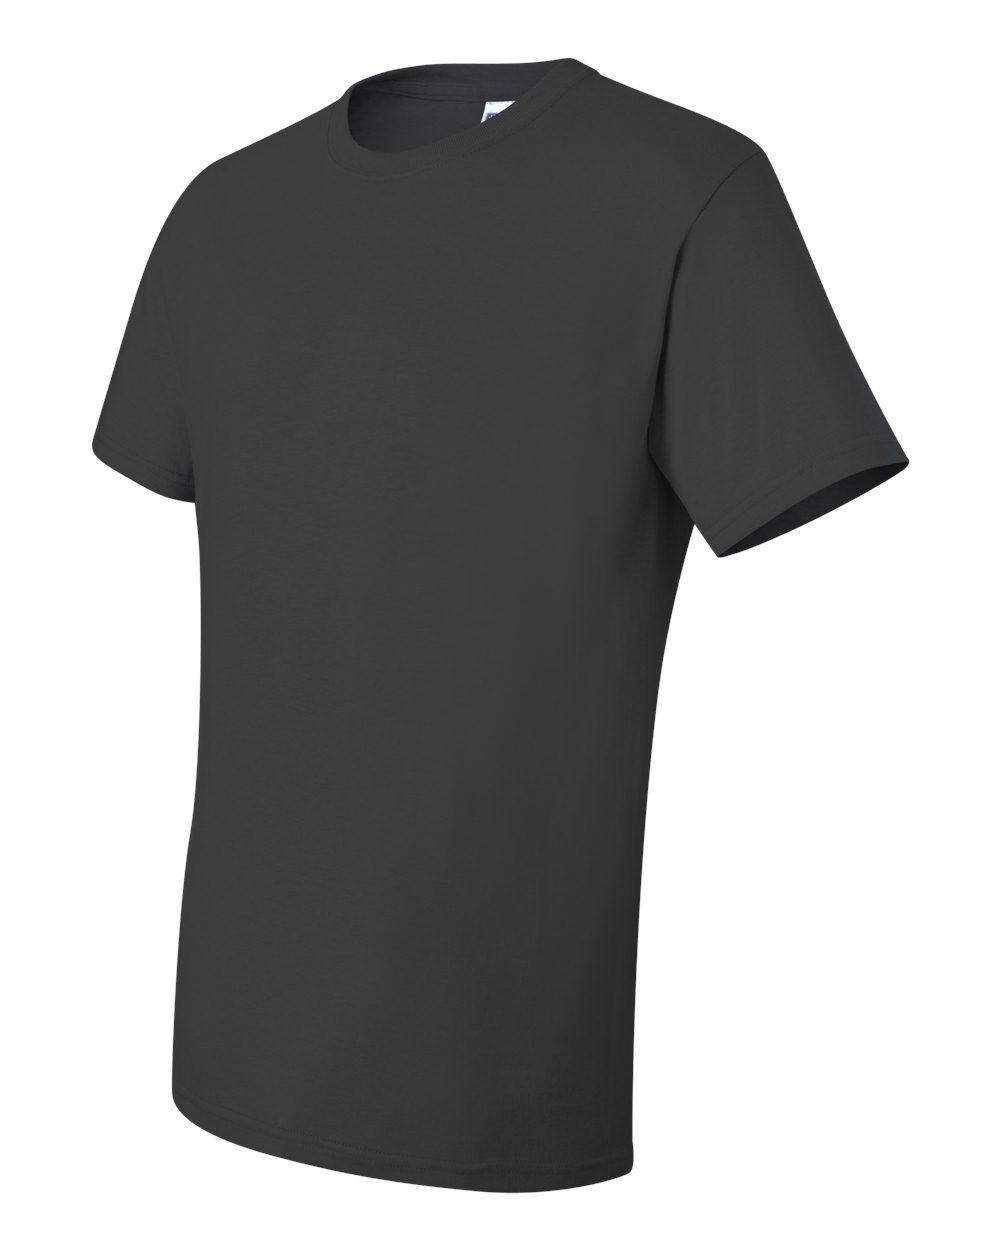 Jerzees-Men-039-s-5-6-oz-50-50-Heavyweight-Blend-T-Shirt-29M-S-4XL thumbnail 45